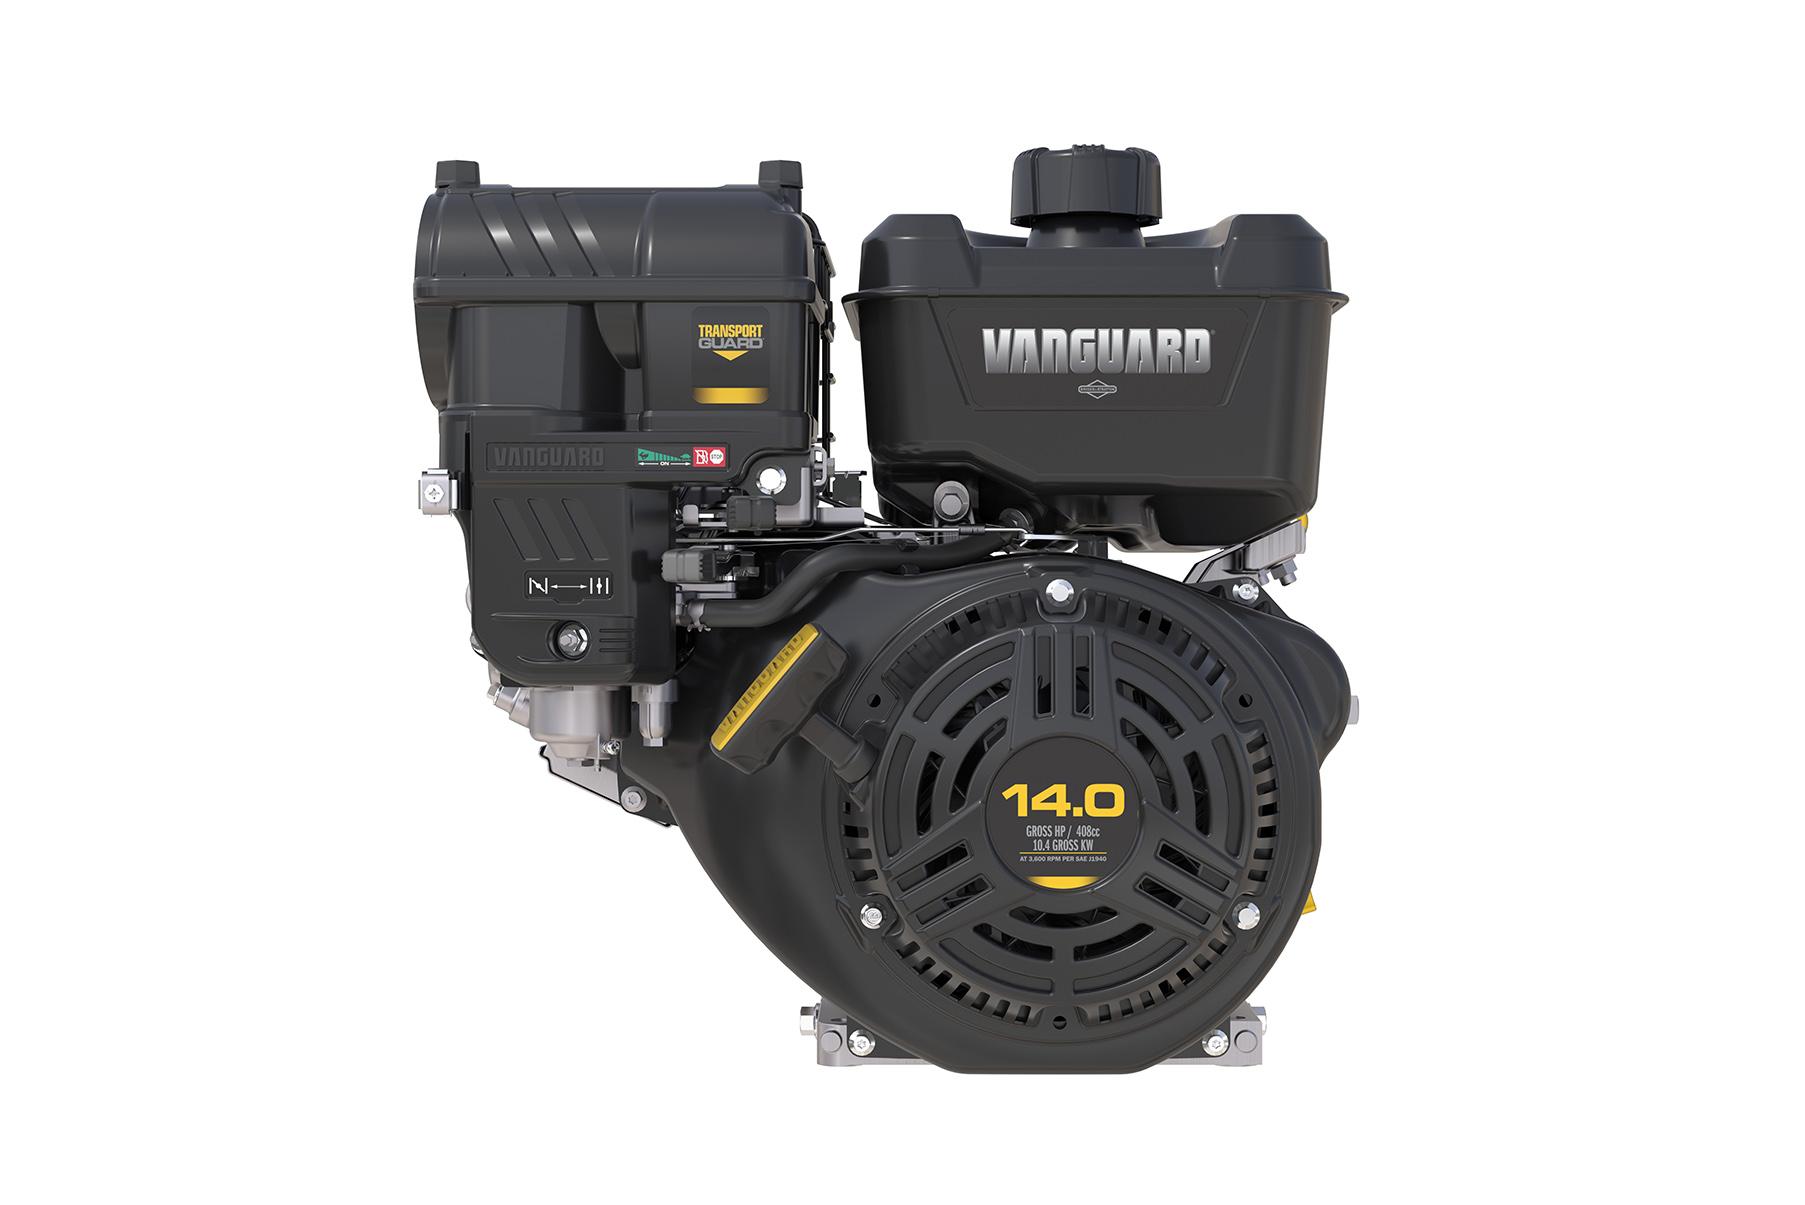 Der Vanguard 400 wird auf der Bauma zum ersten Mal in Europa vorgestellt. Er gehört zu einer komplett neu entwickelten Reihe von Einzylinder-Industriemotoren, die Effizienz, Komfort und reduzierte Betriebskosten beispiellos kombinieren.